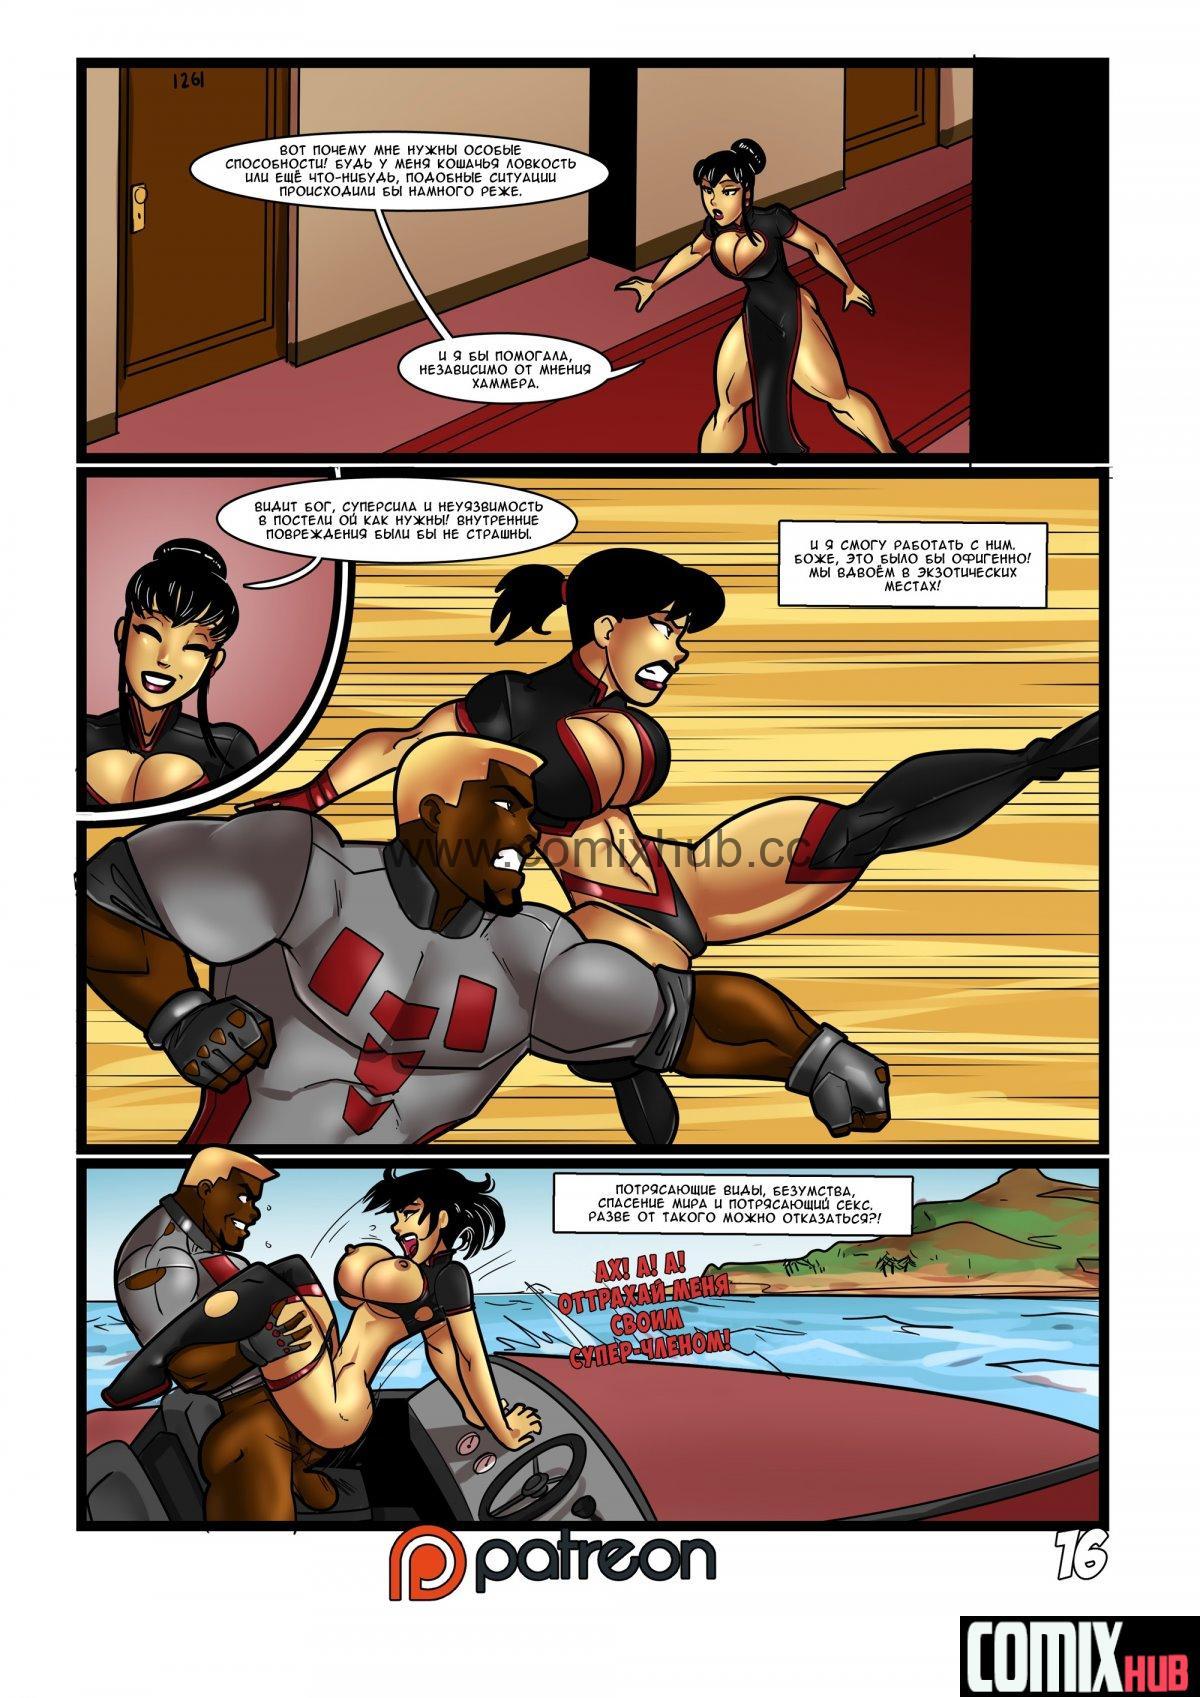 Порно комикс, Геройские хроники. Смертоносные ножки Порно комиксы, Большая грудь, Большие члены, Супер-герои